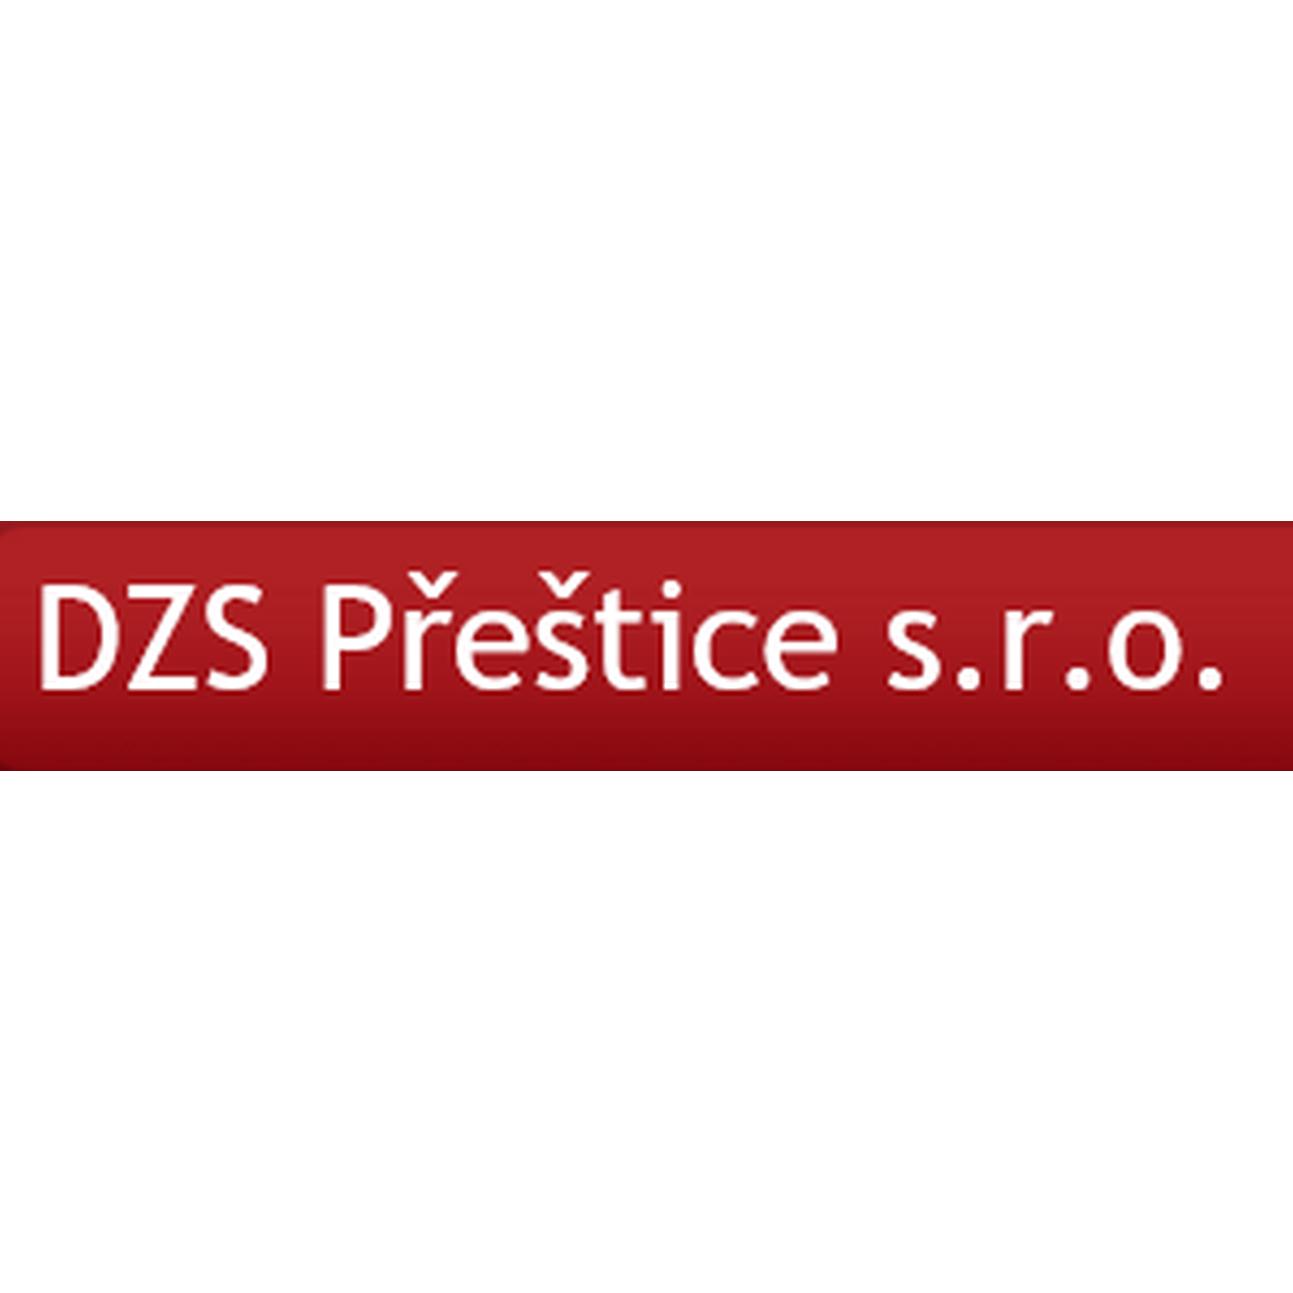 DZS Přeštice s.r.o.